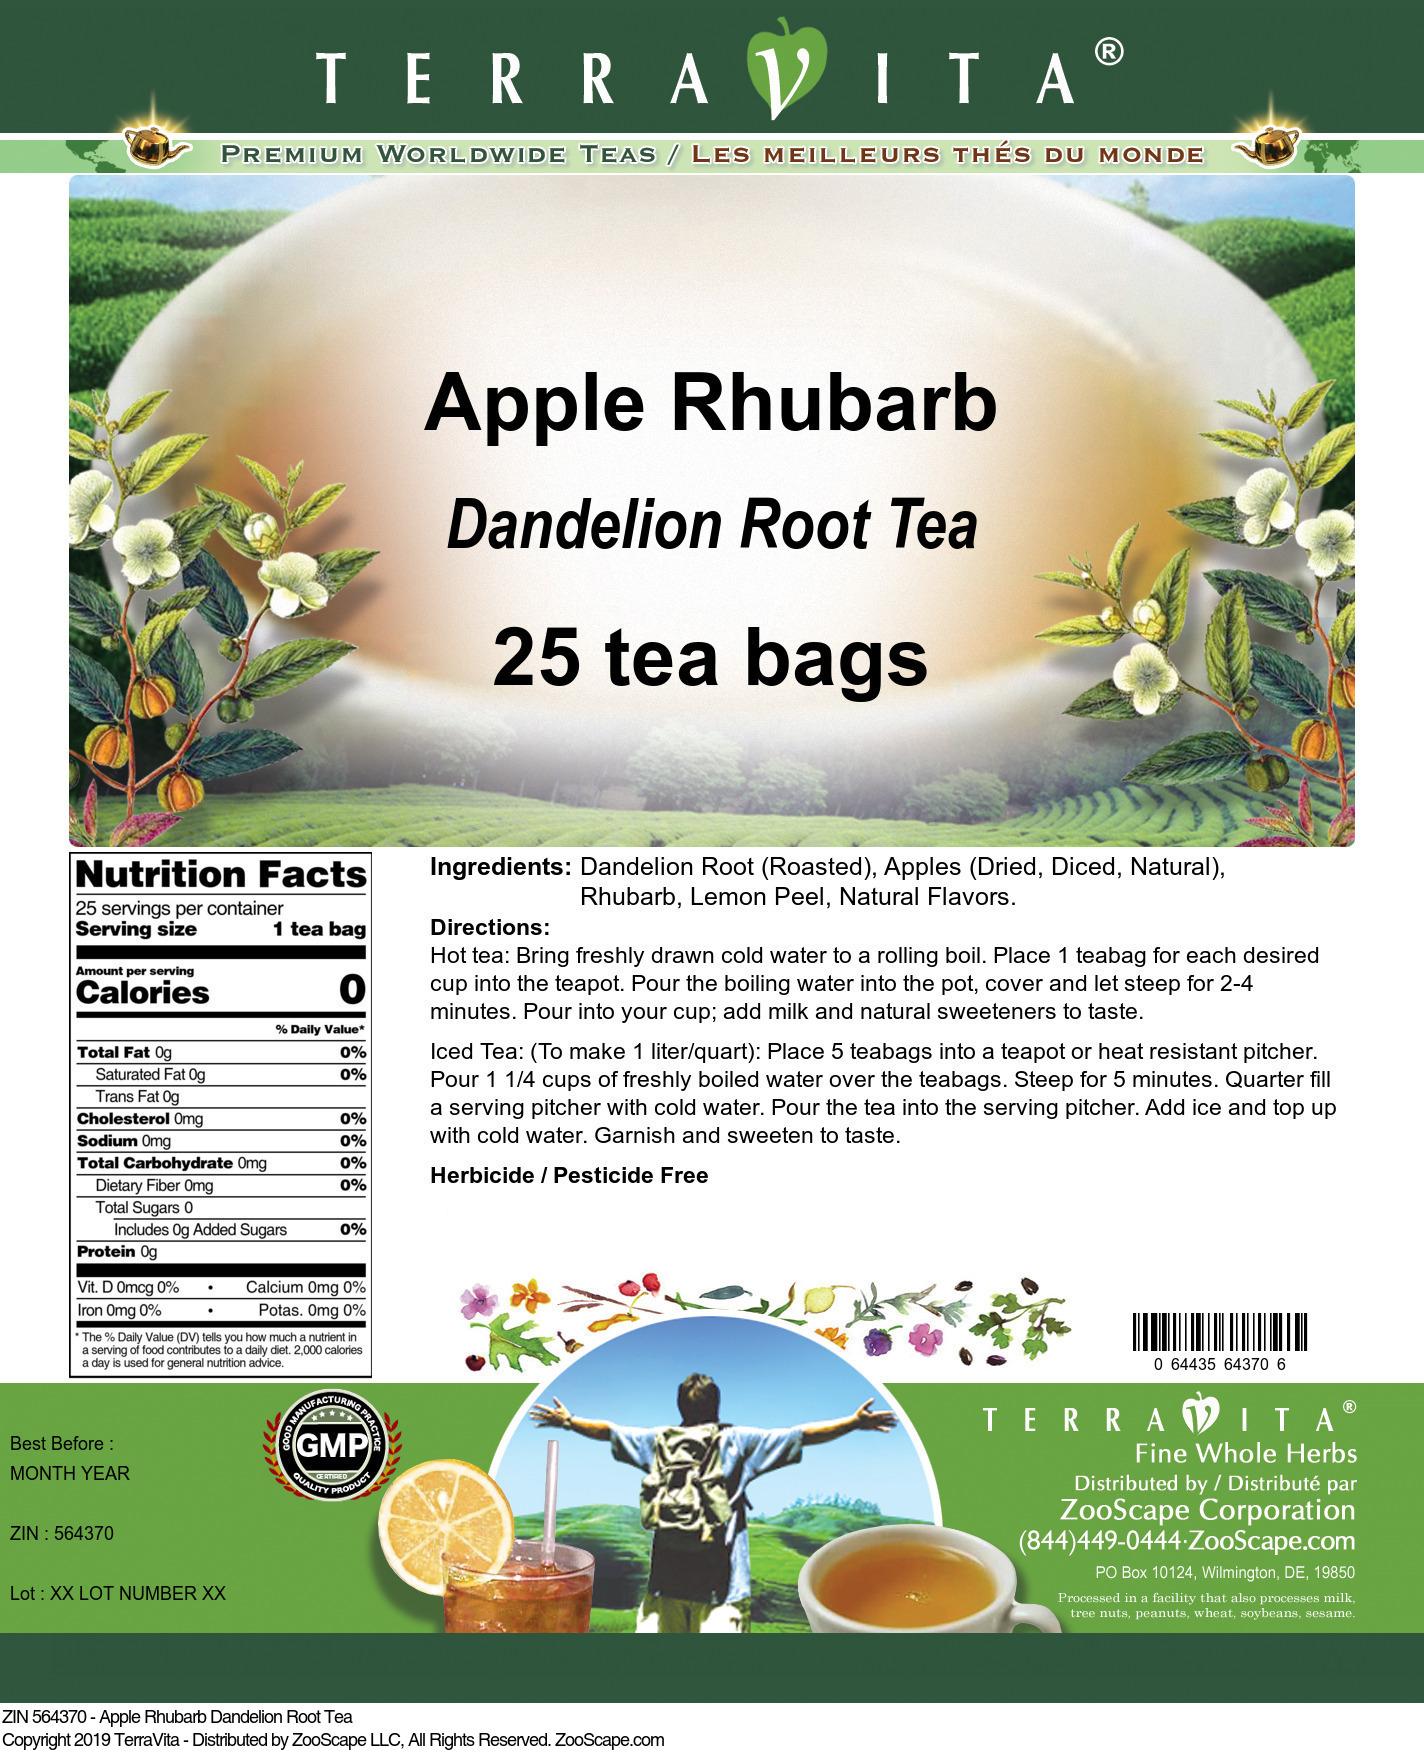 Apple Rhubarb Dandelion Root